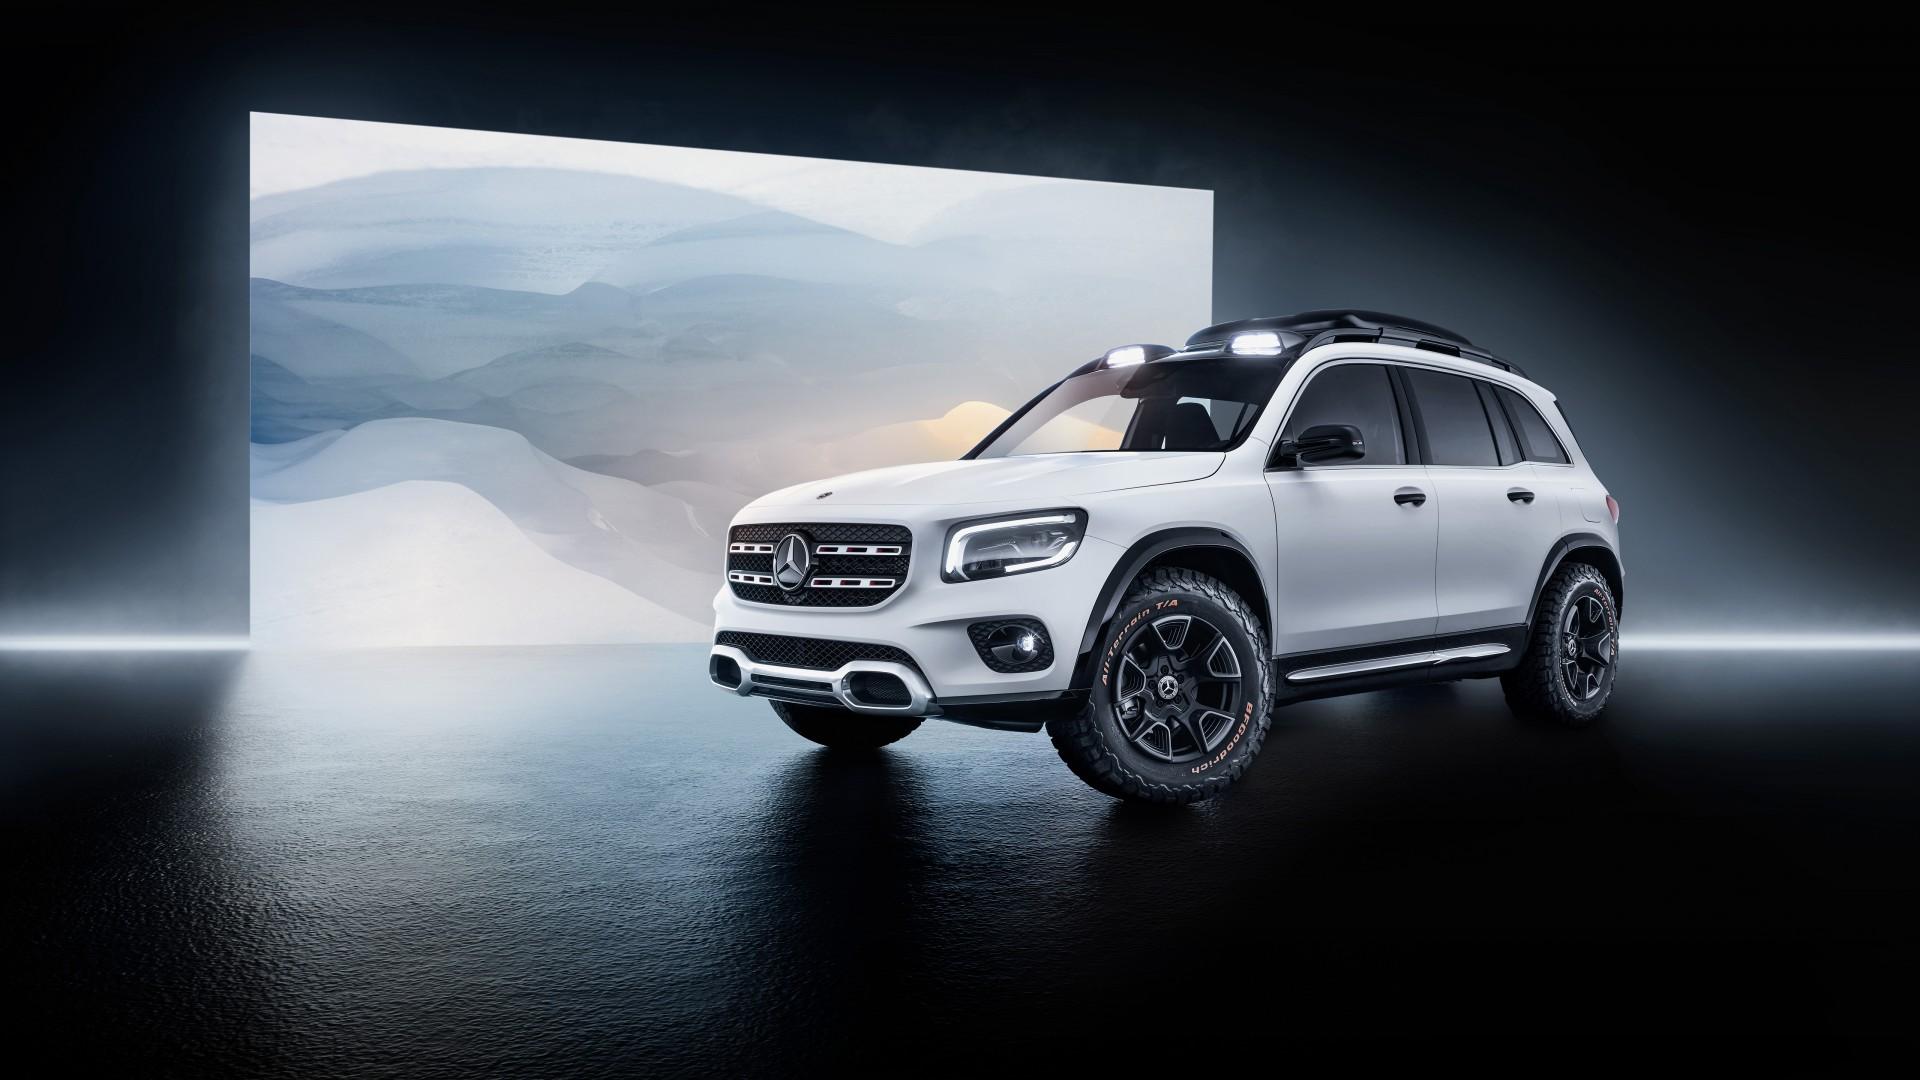 Mercedes Benz Concept Glb 2019 5k Wallpaper Hd Car